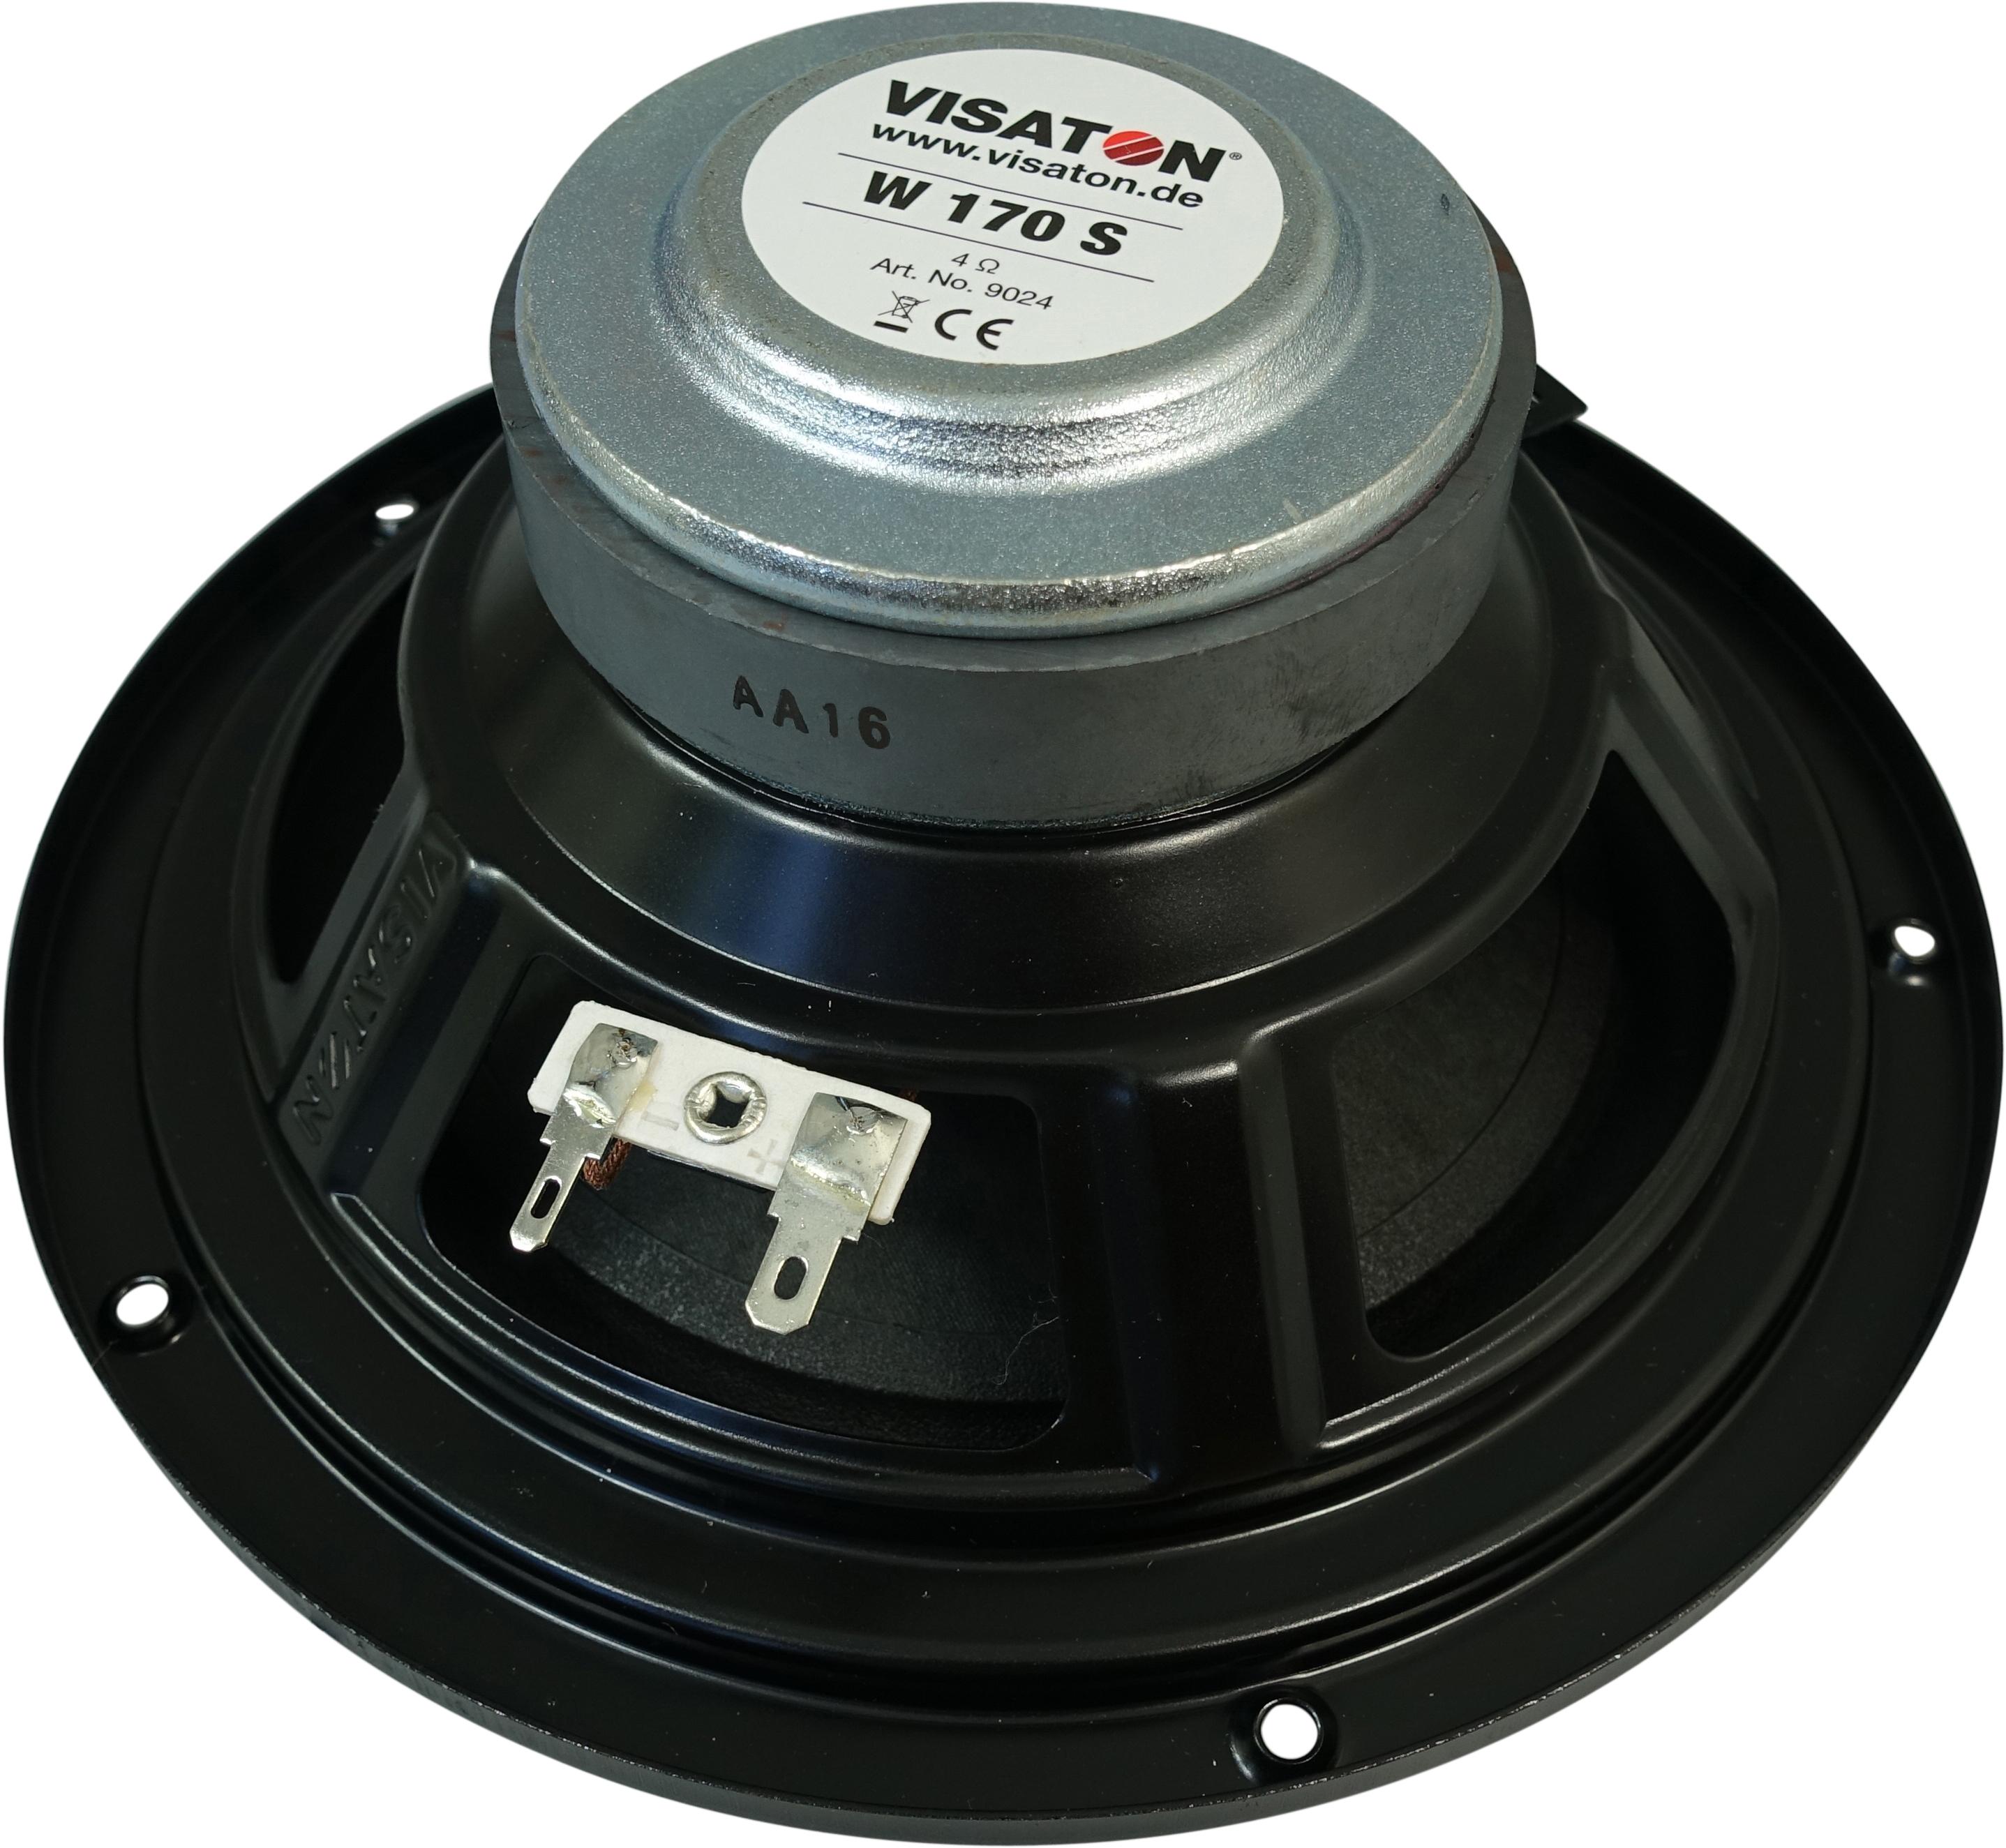 Visaton W 170S - 6,5 inch, 8 Ohm